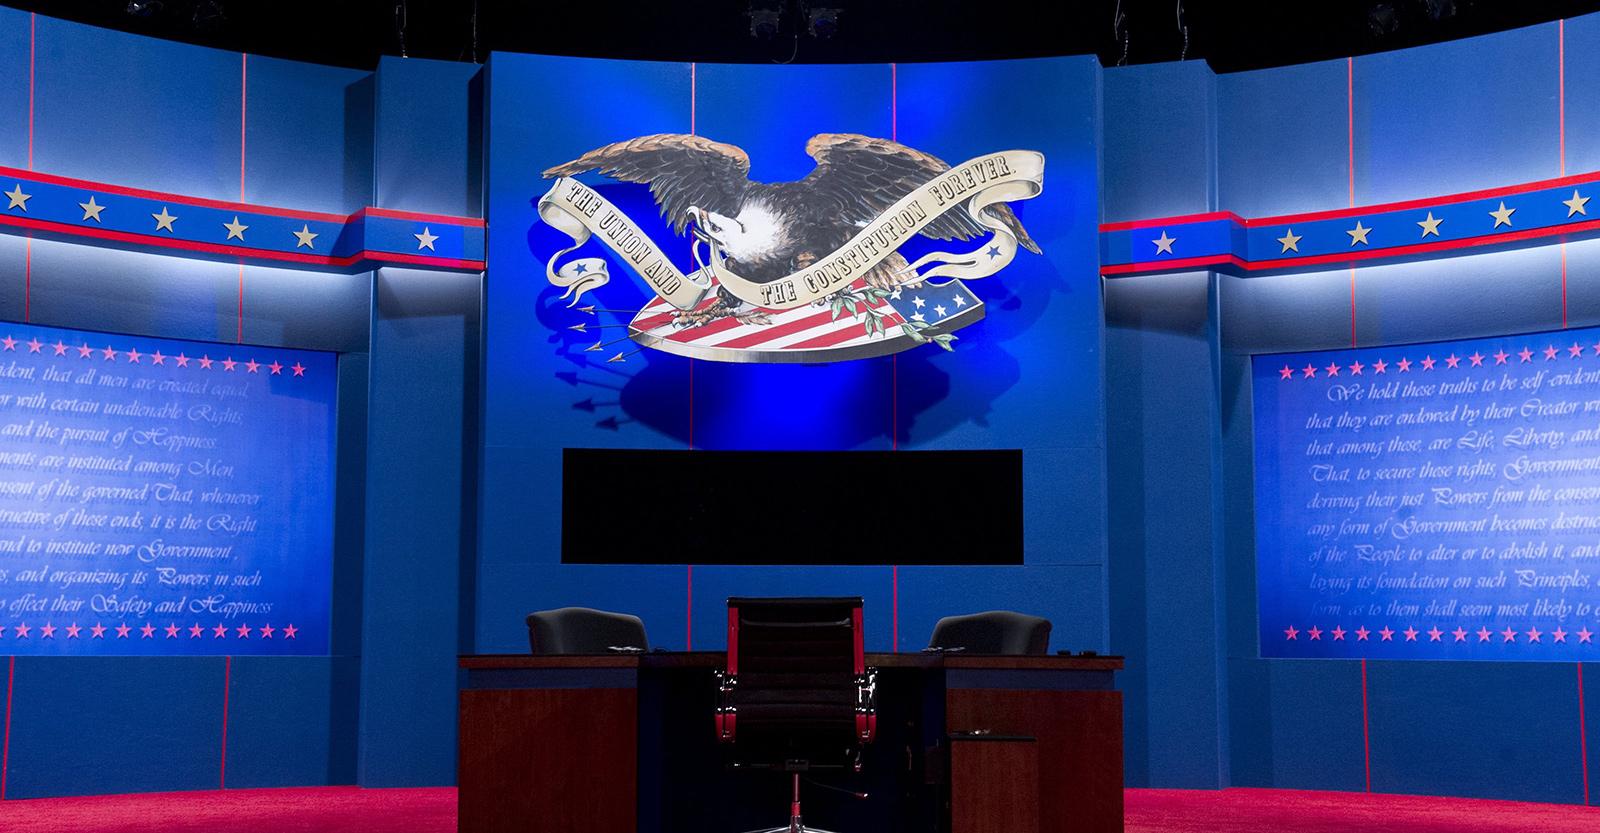 Presidential Debate stage